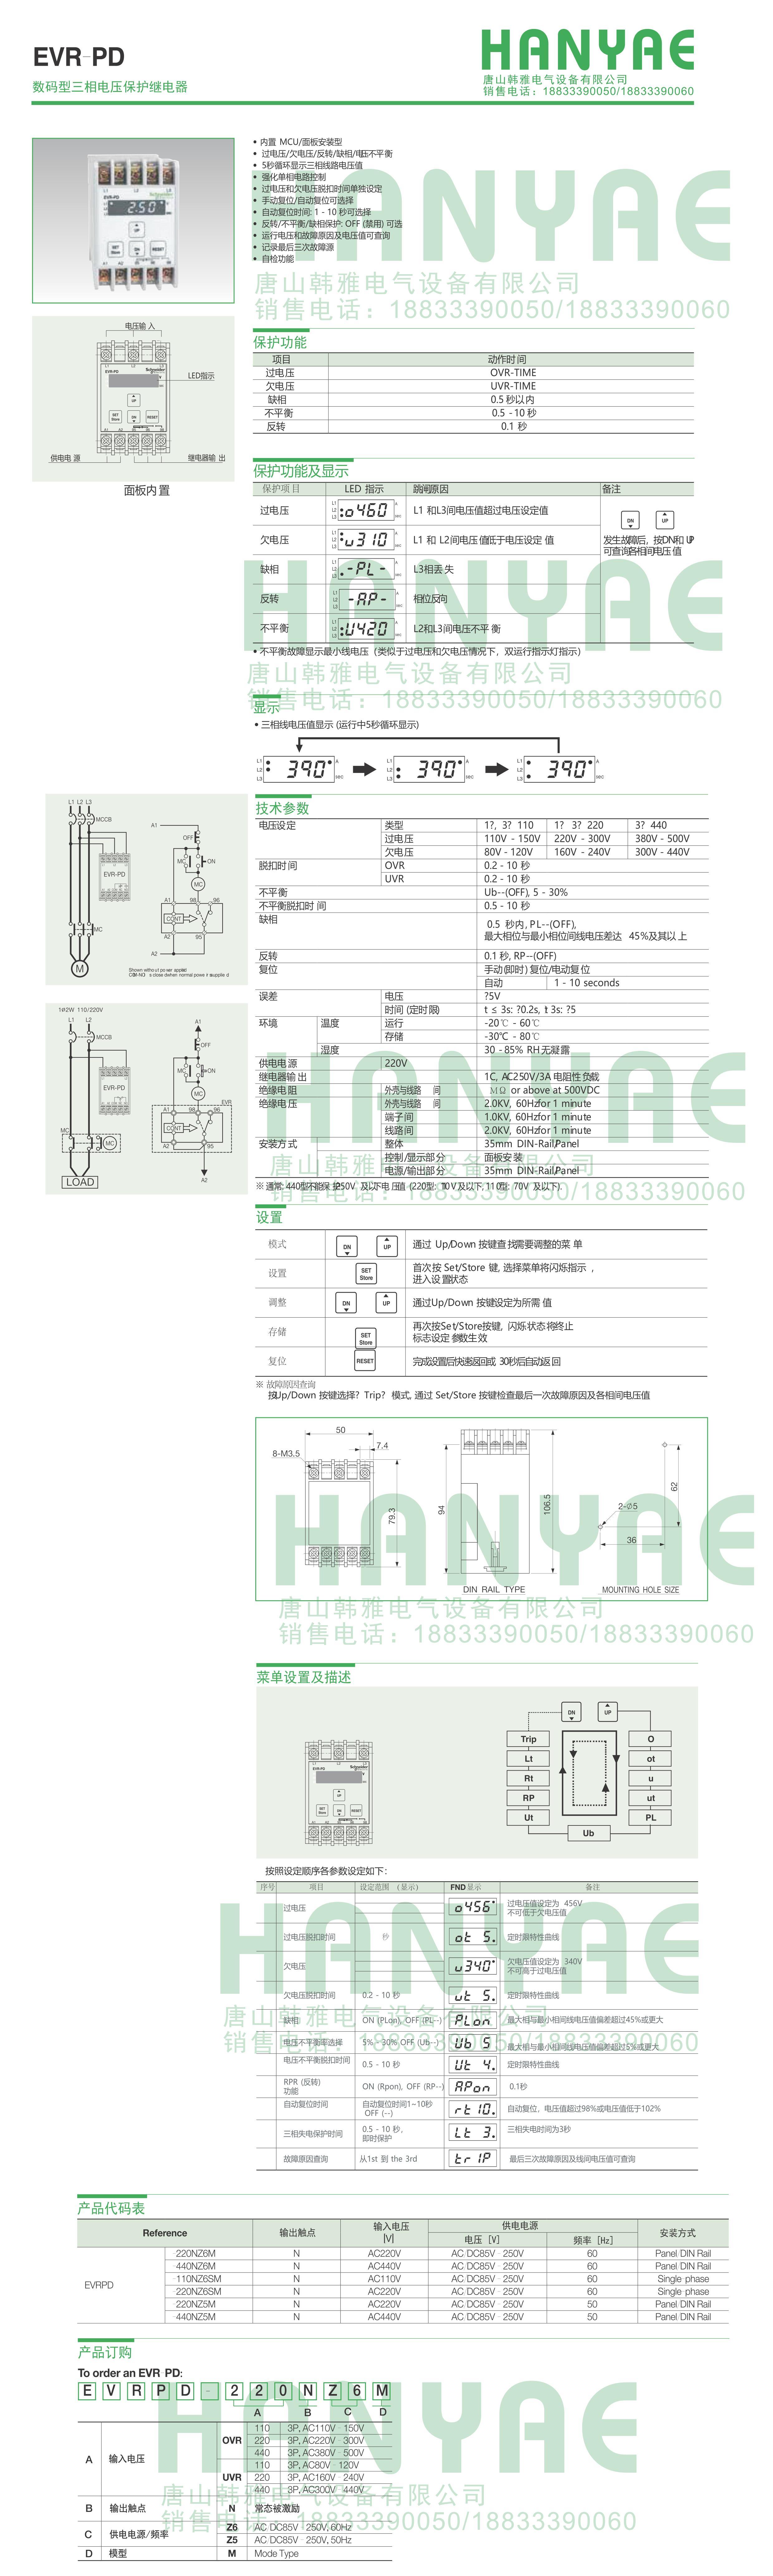 施耐德EOCR(原韩国三和)-电压保护器EOCR-EVRPD-440NZ5M EVR-PD,施耐德EOCR,电动机保护器,电子式继电器,韩国三和SAMWHA